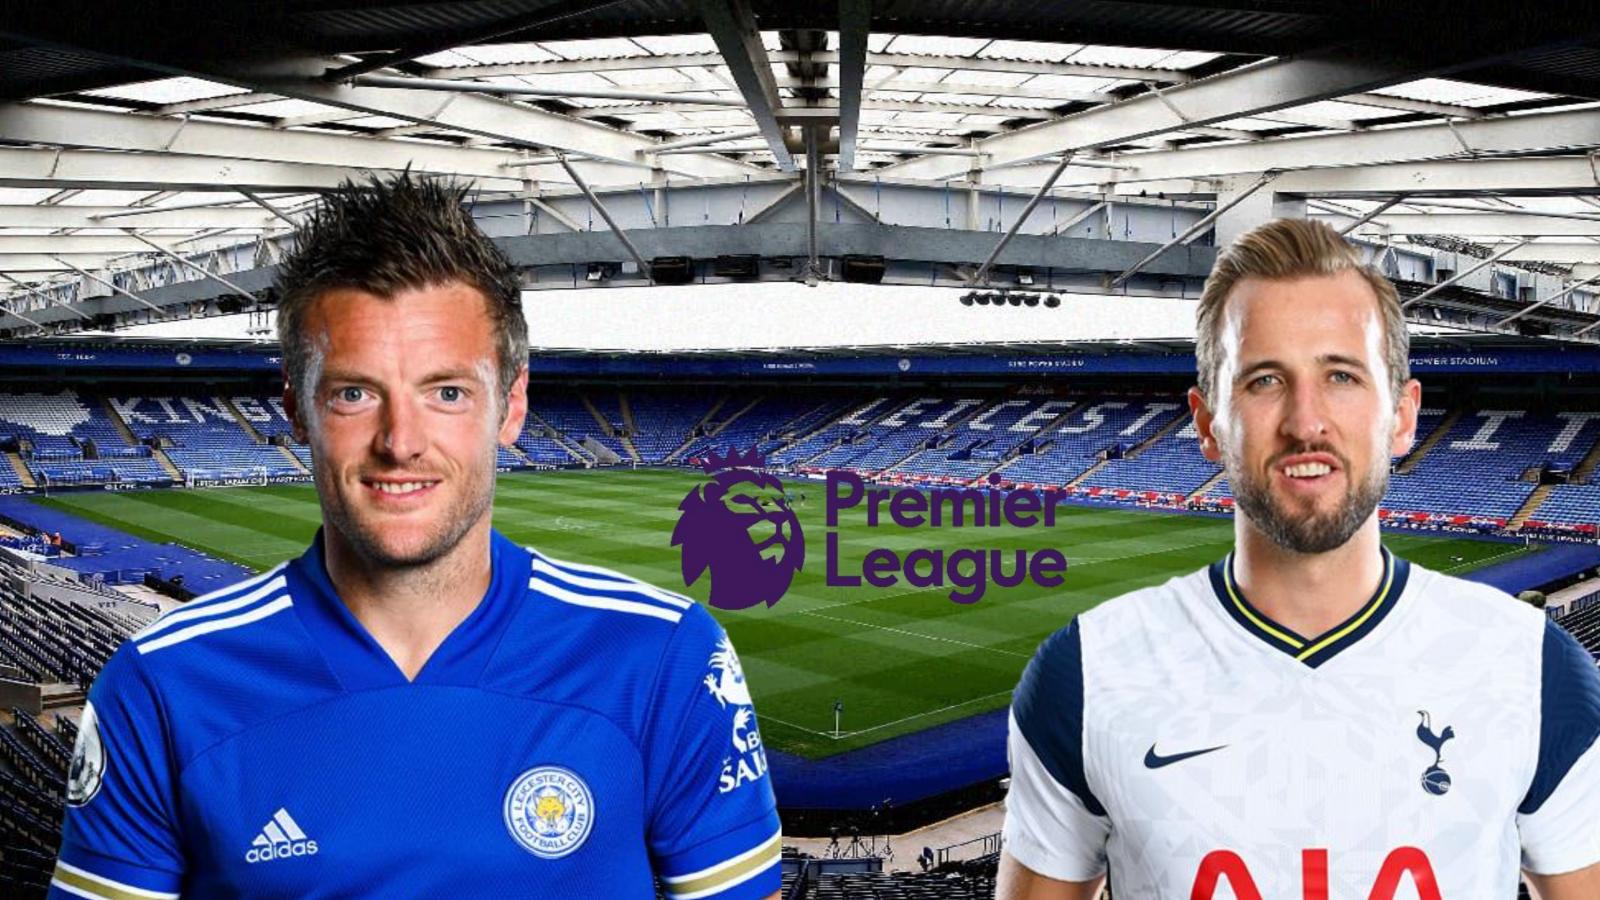 Dự đoán kết quả, đội hình xuất phát trận Leicester - Tottenham